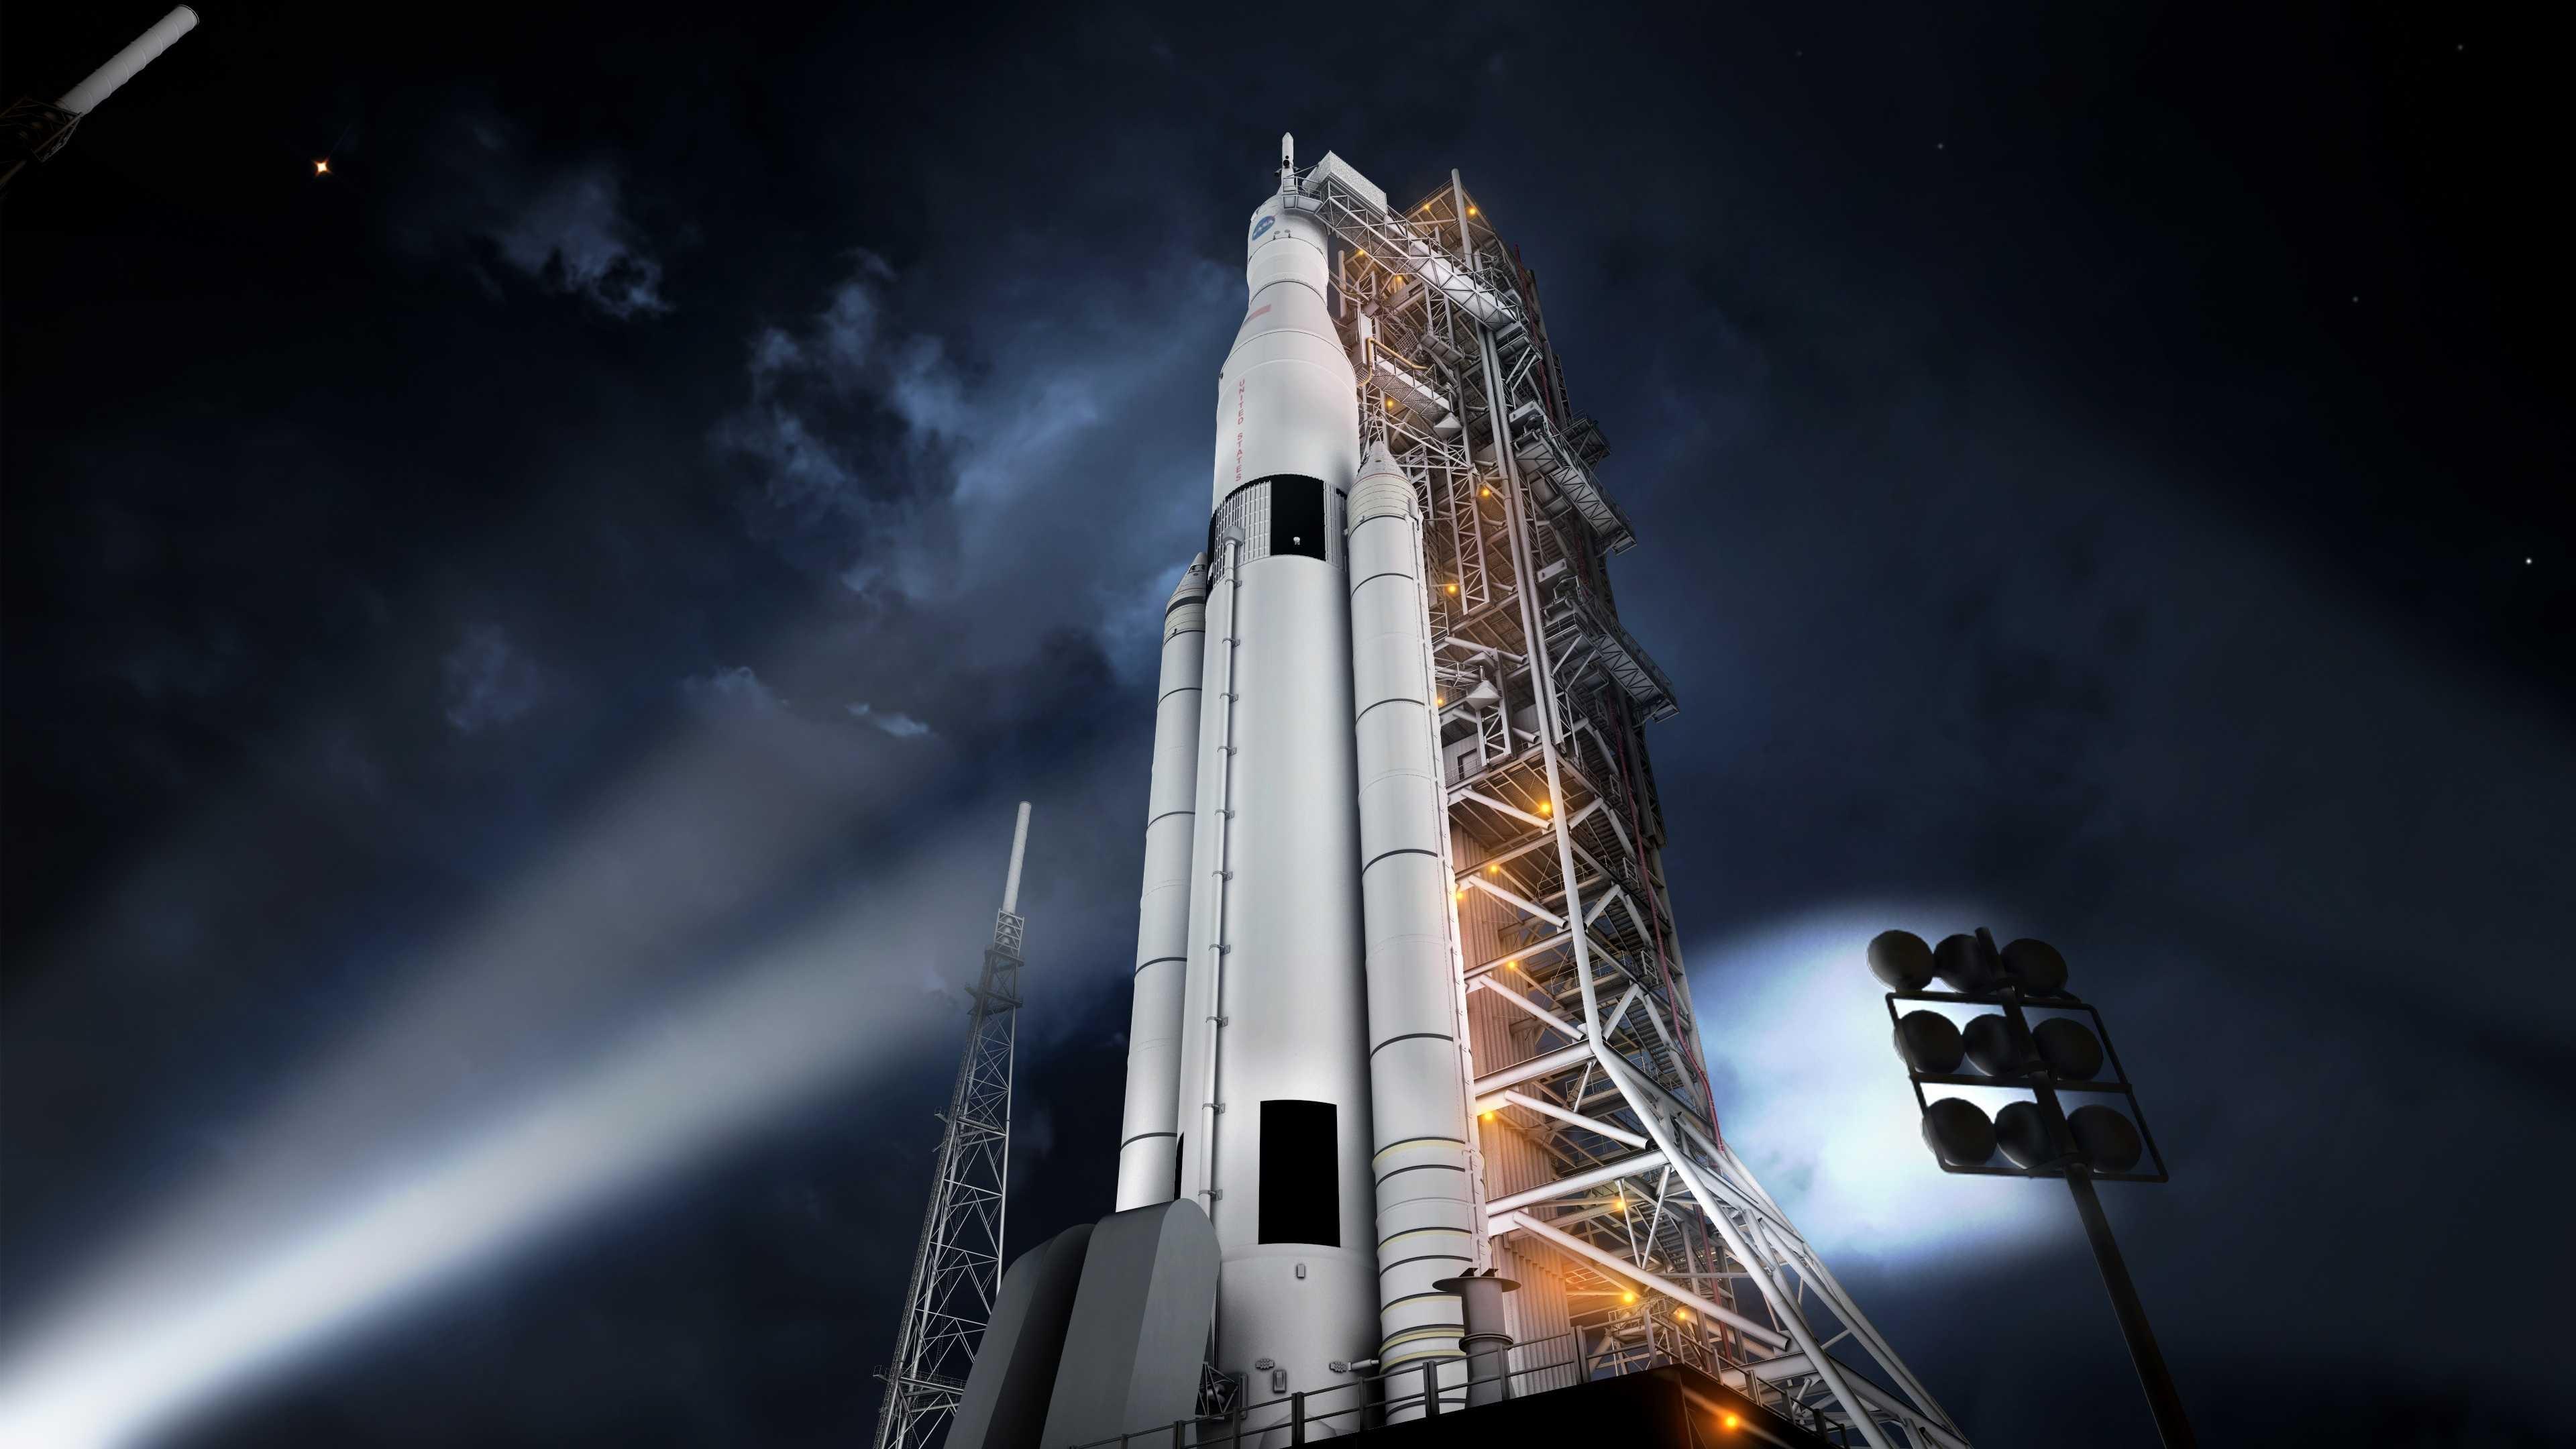 nasa rocket launches - HD2560×1600